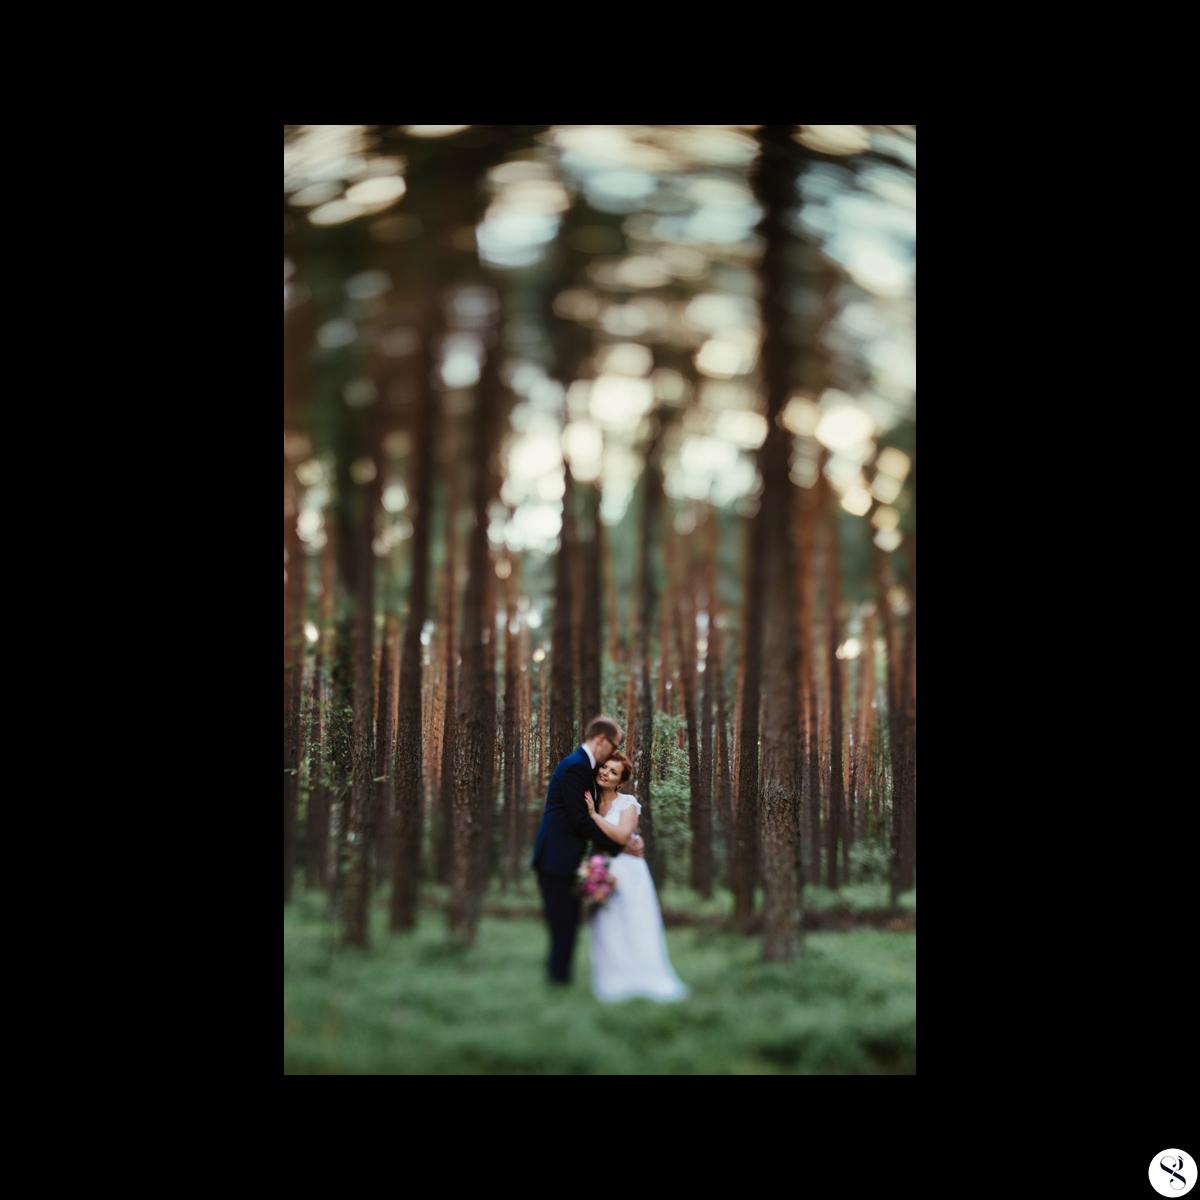 ssg_iwonka-janek_047-copy